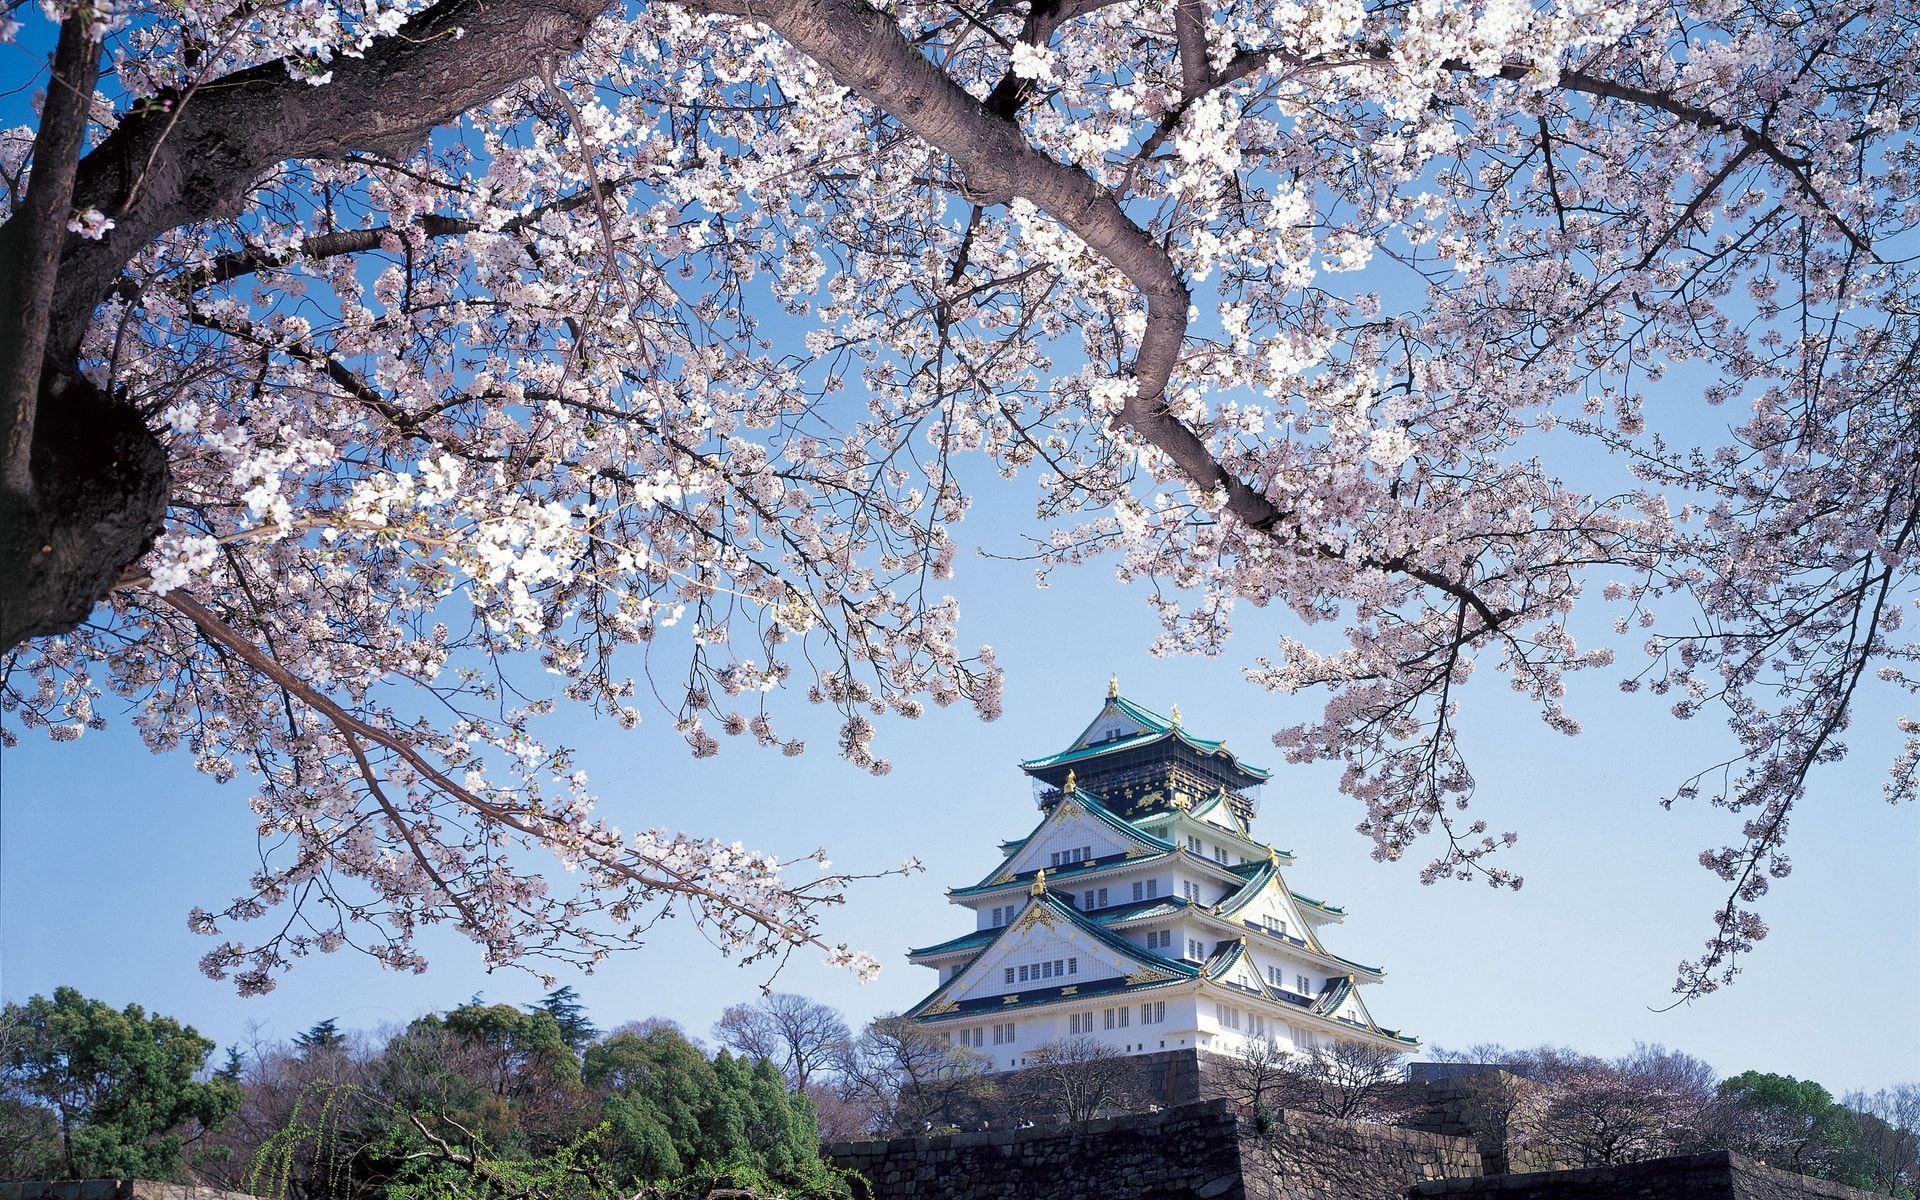 05132217-sakuraseason-cov_cover_1920x1200.jpg